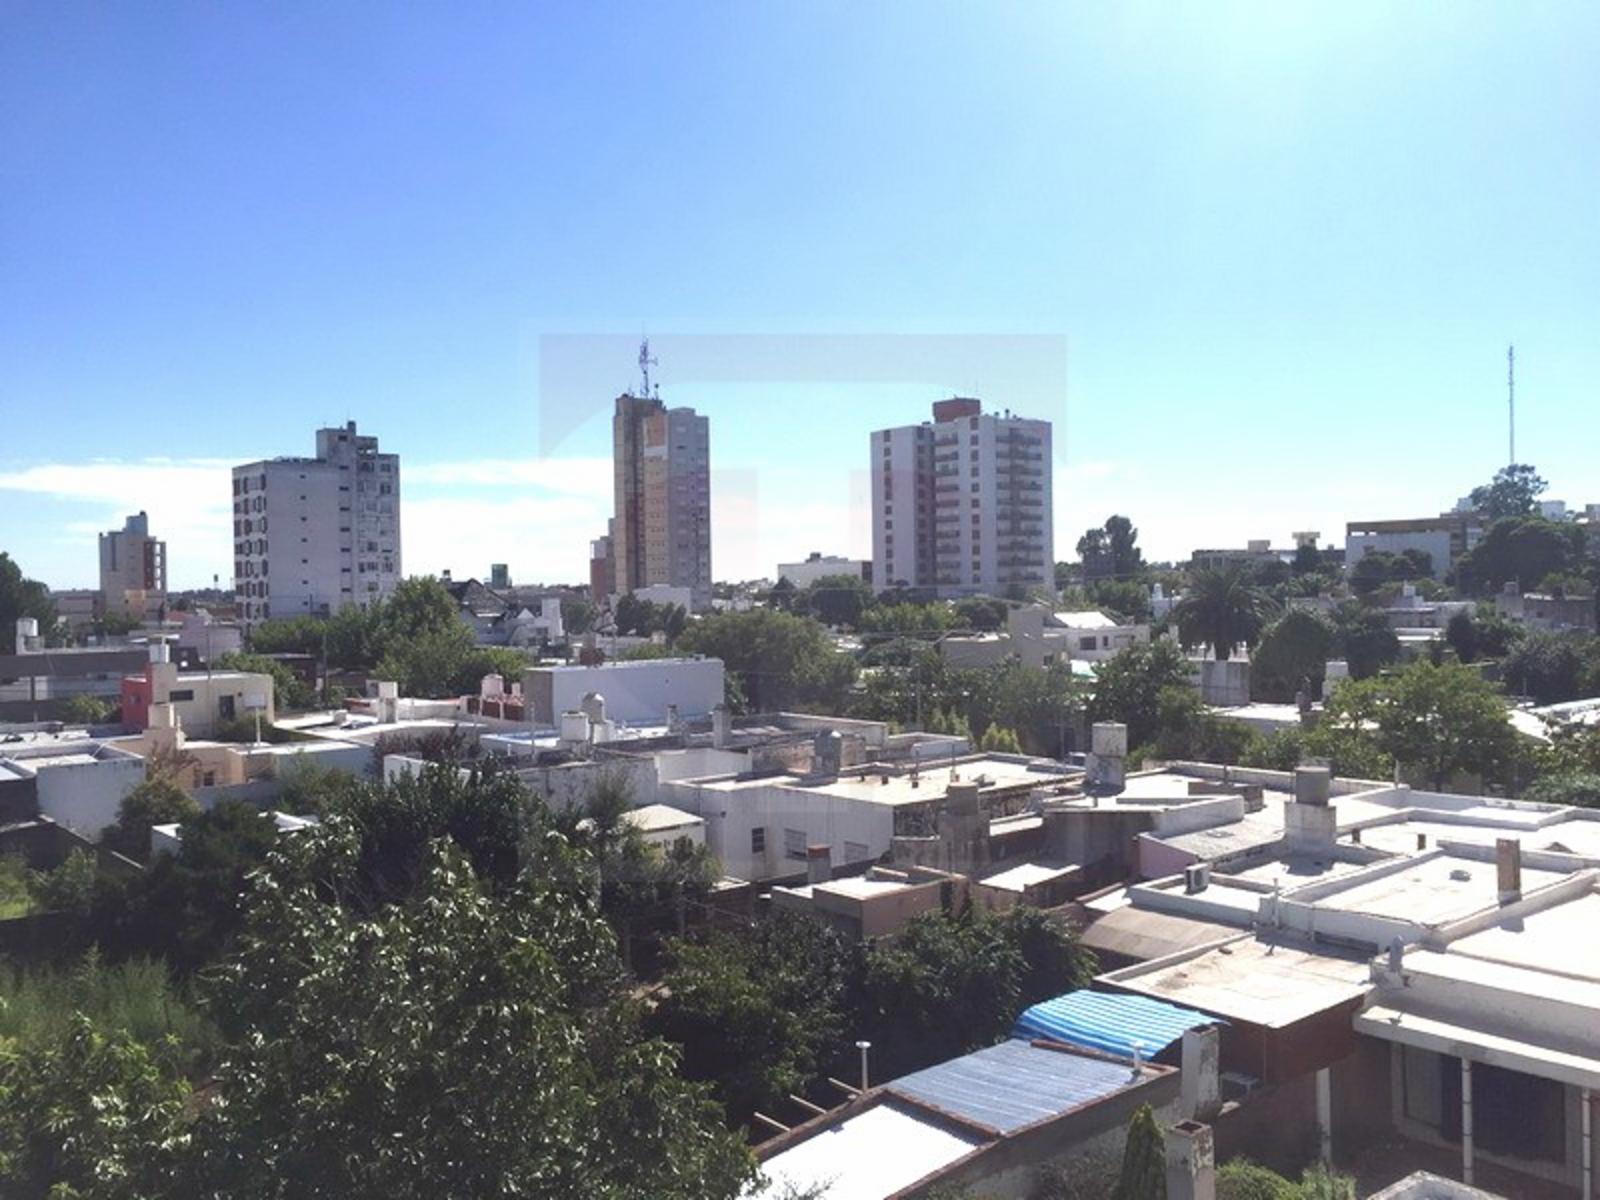 Departamento en venta, Torre Alem, DAIANA DOMINGUEZ NEGOCIOS INMOBILIARIOS